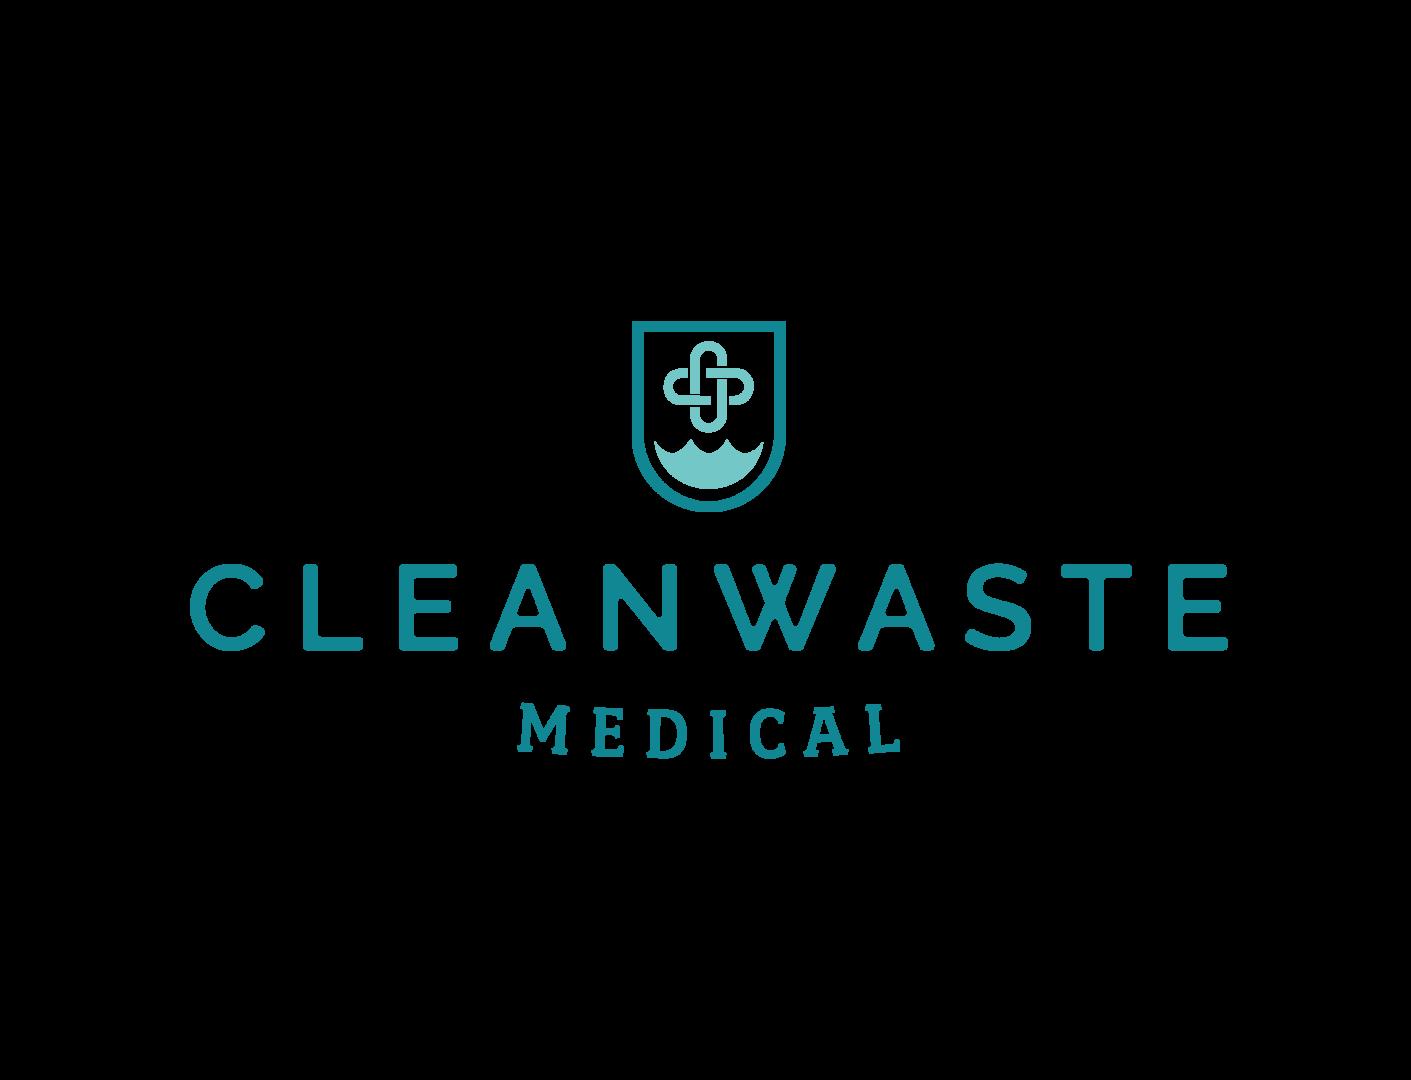 https://secureservercdn.net/192.169.221.188/9hc.0e3.myftpupload.com/wp-content/uploads/2021/07/Cleanwaste-Medical-Logo-Color-1.png